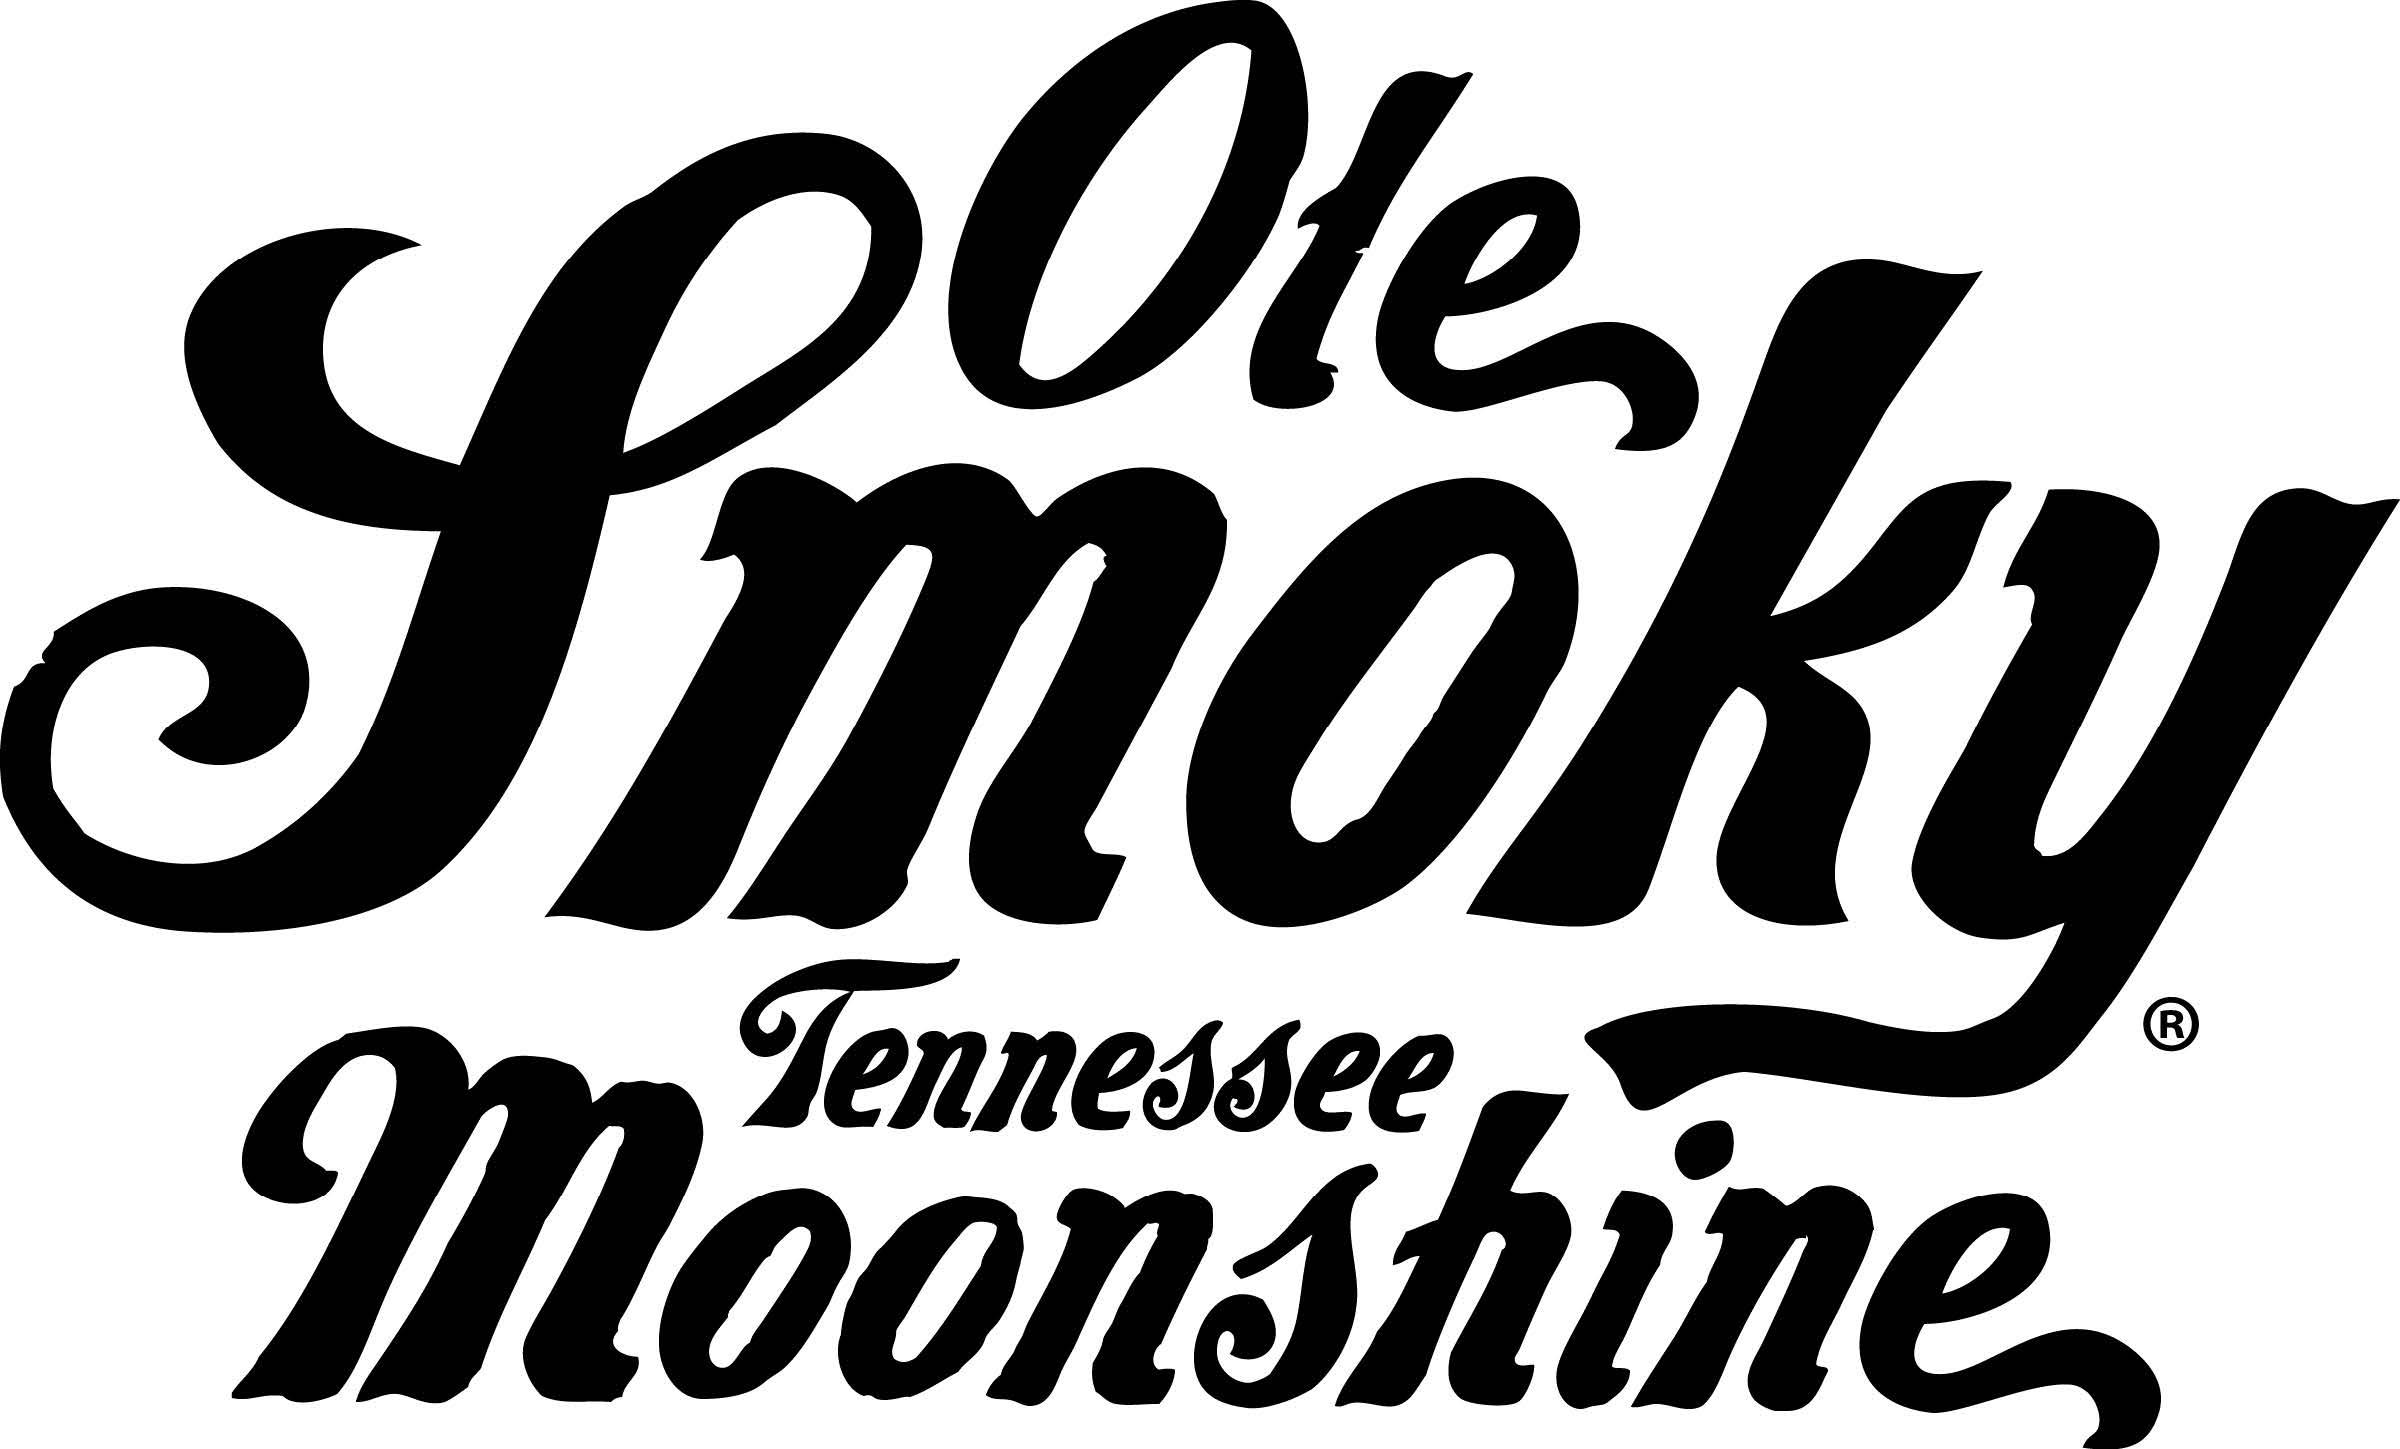 Old Smokey Moonshine logo.jpg